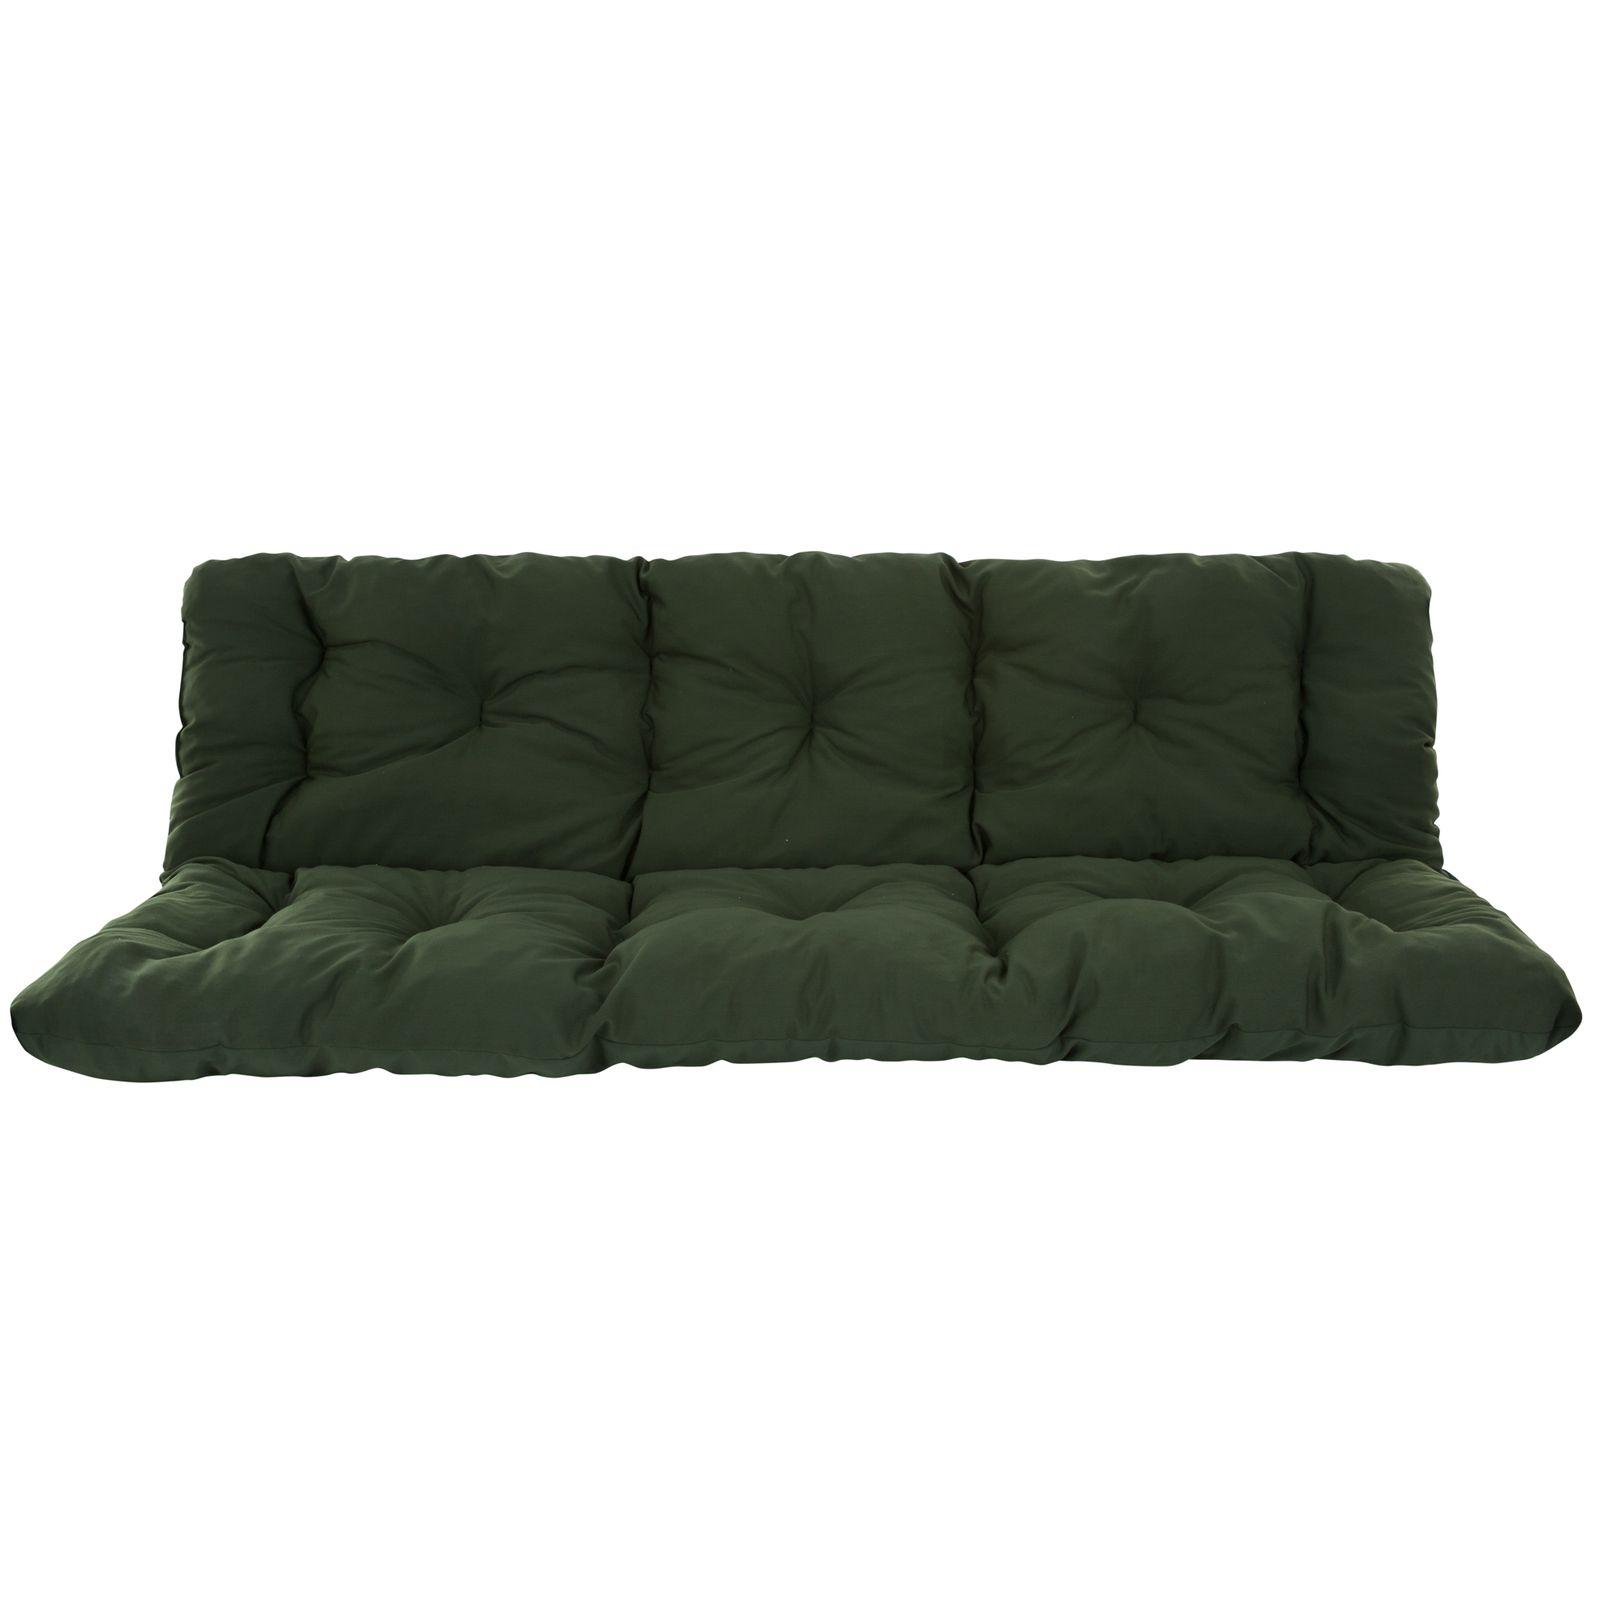 Poduszka na huśtawkę / ławkę 180 cm Frigiliana D021-02EB PATIO